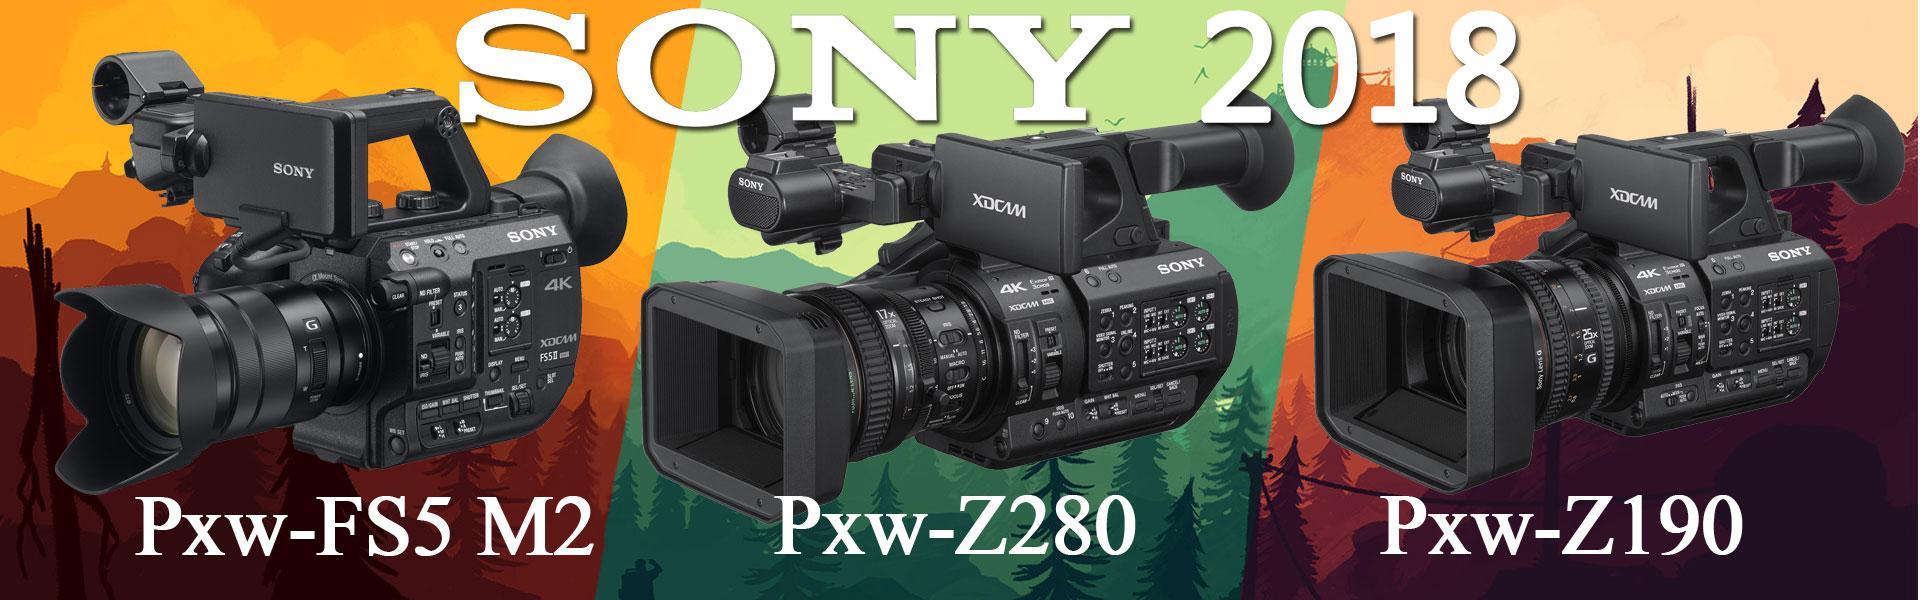 sony-2018-kameralar